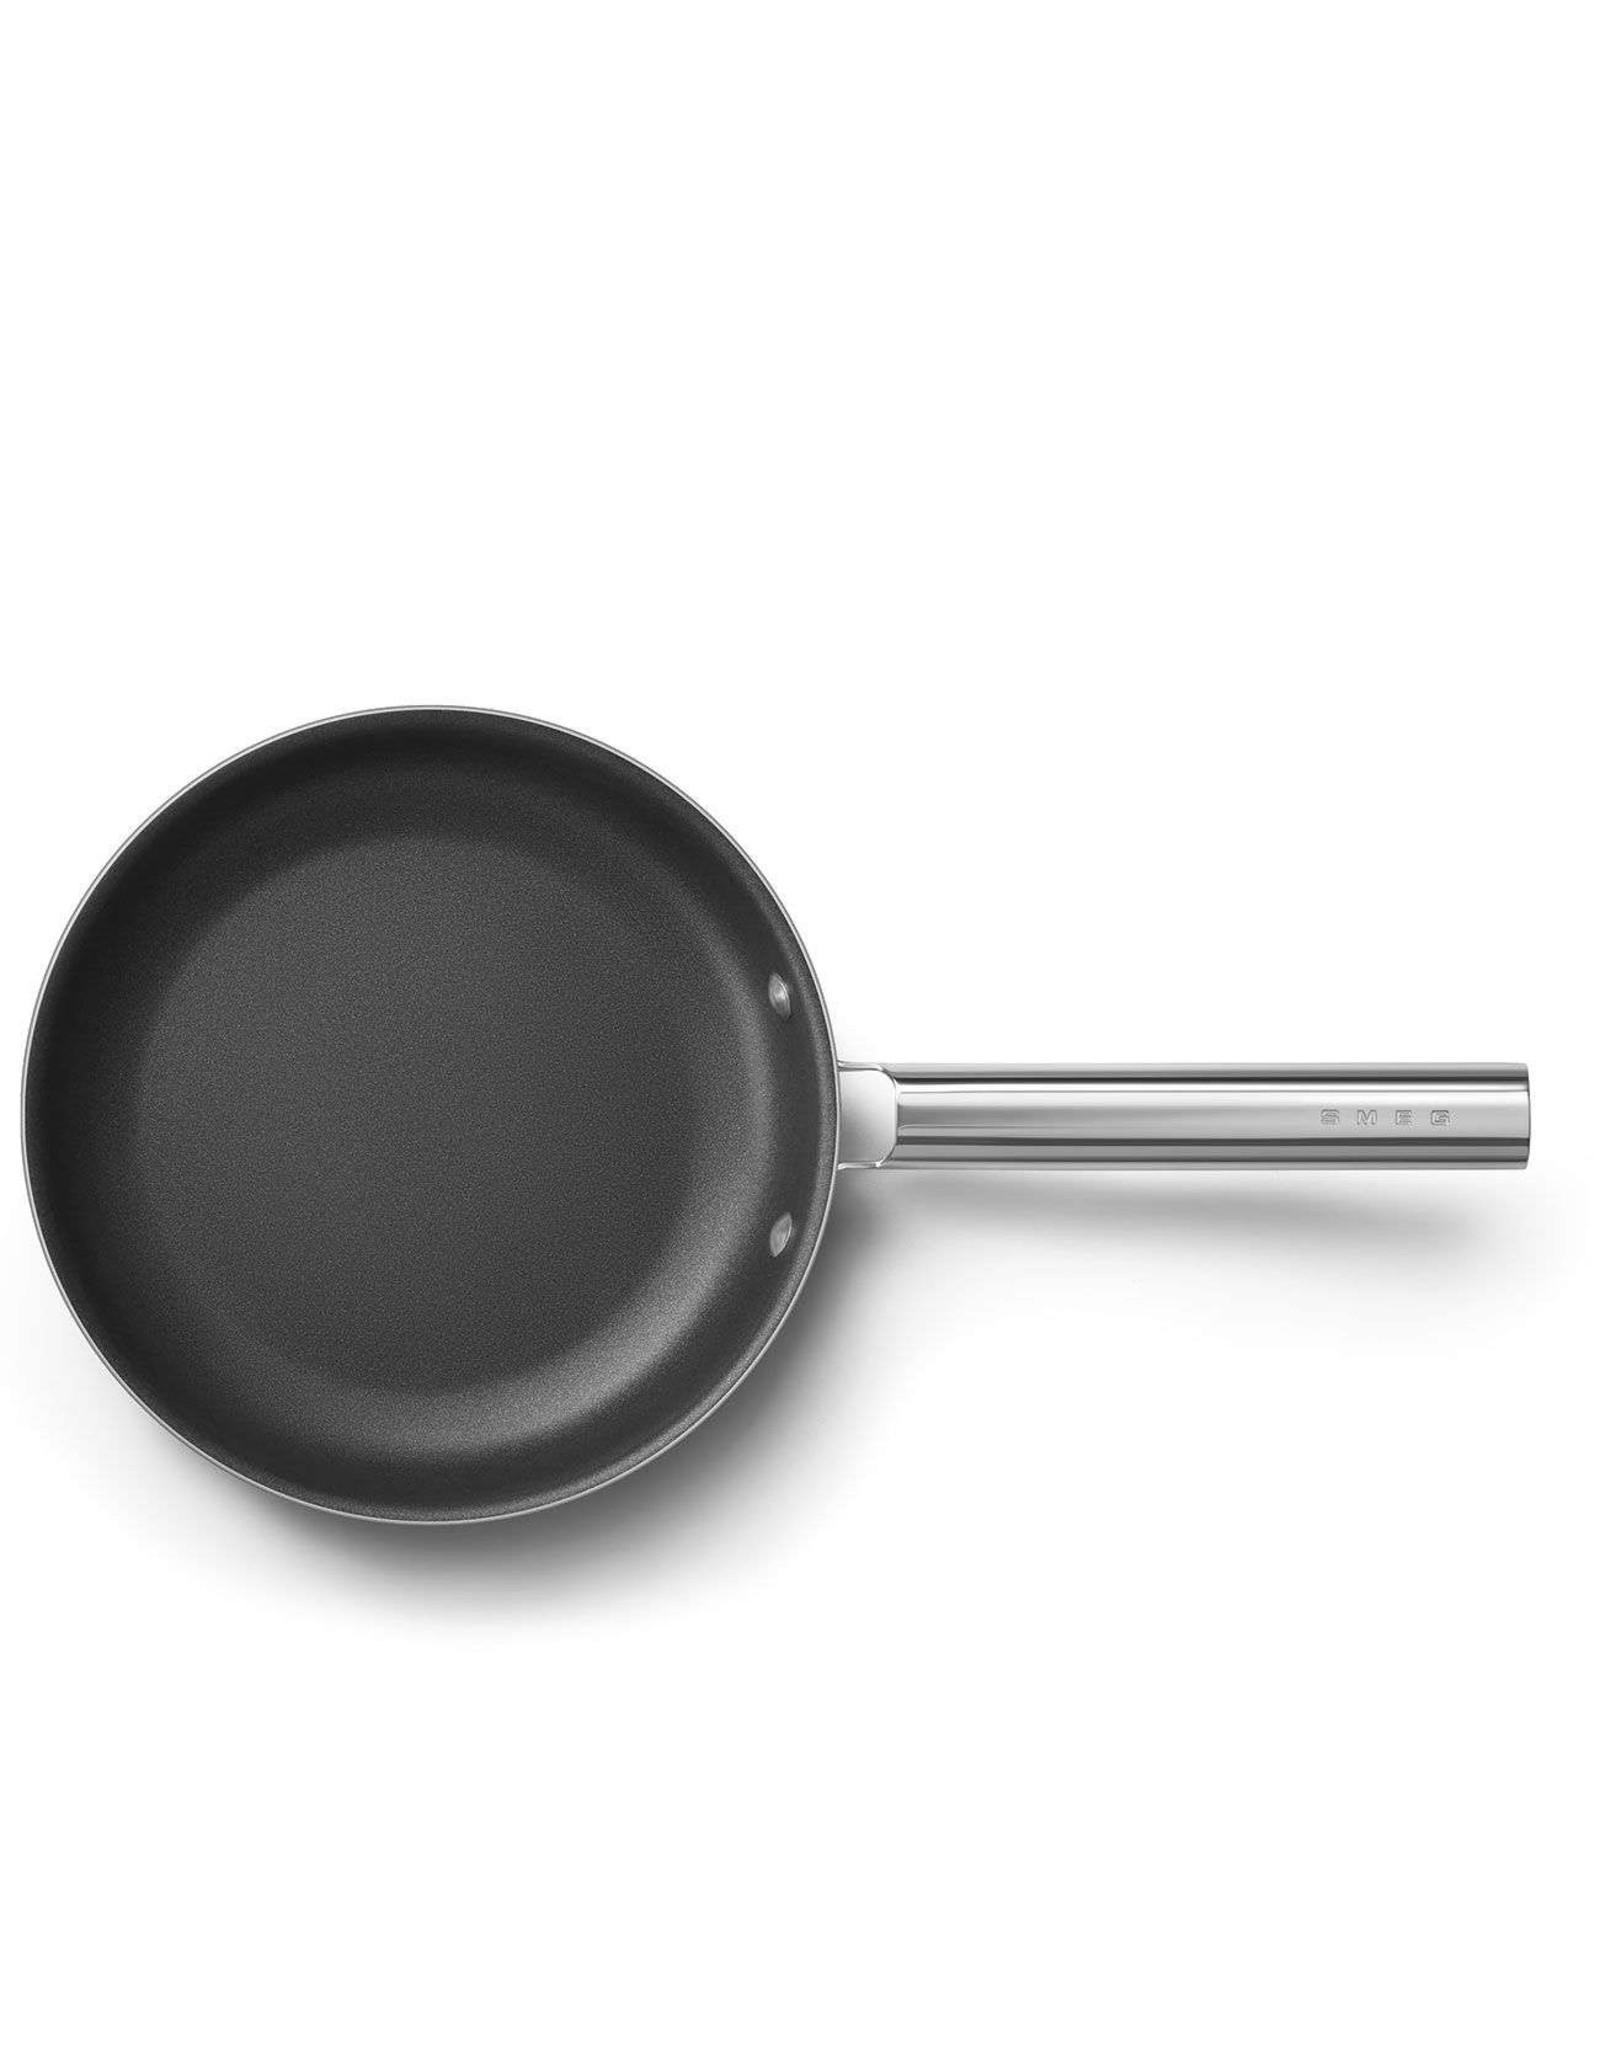 Smeg. Koekenpan 26cm. Mat zwart